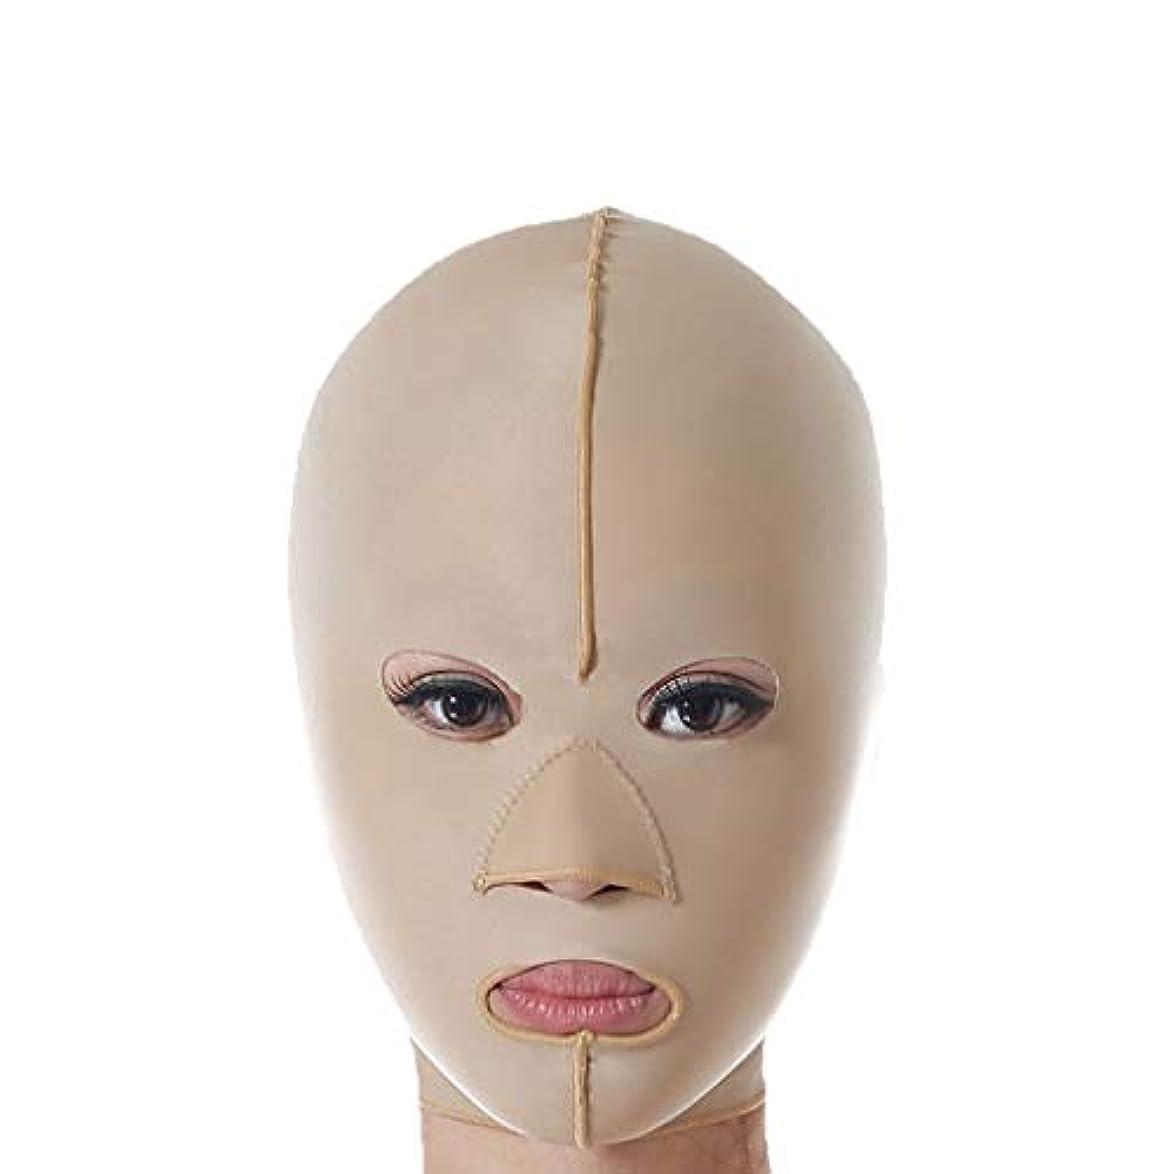 不要明るい多様性減量フェイスマスク、リフティング包帯、スリムフェイスリフトリフティングベルト、フェイシャル減量リフティング包帯 (Size : S)